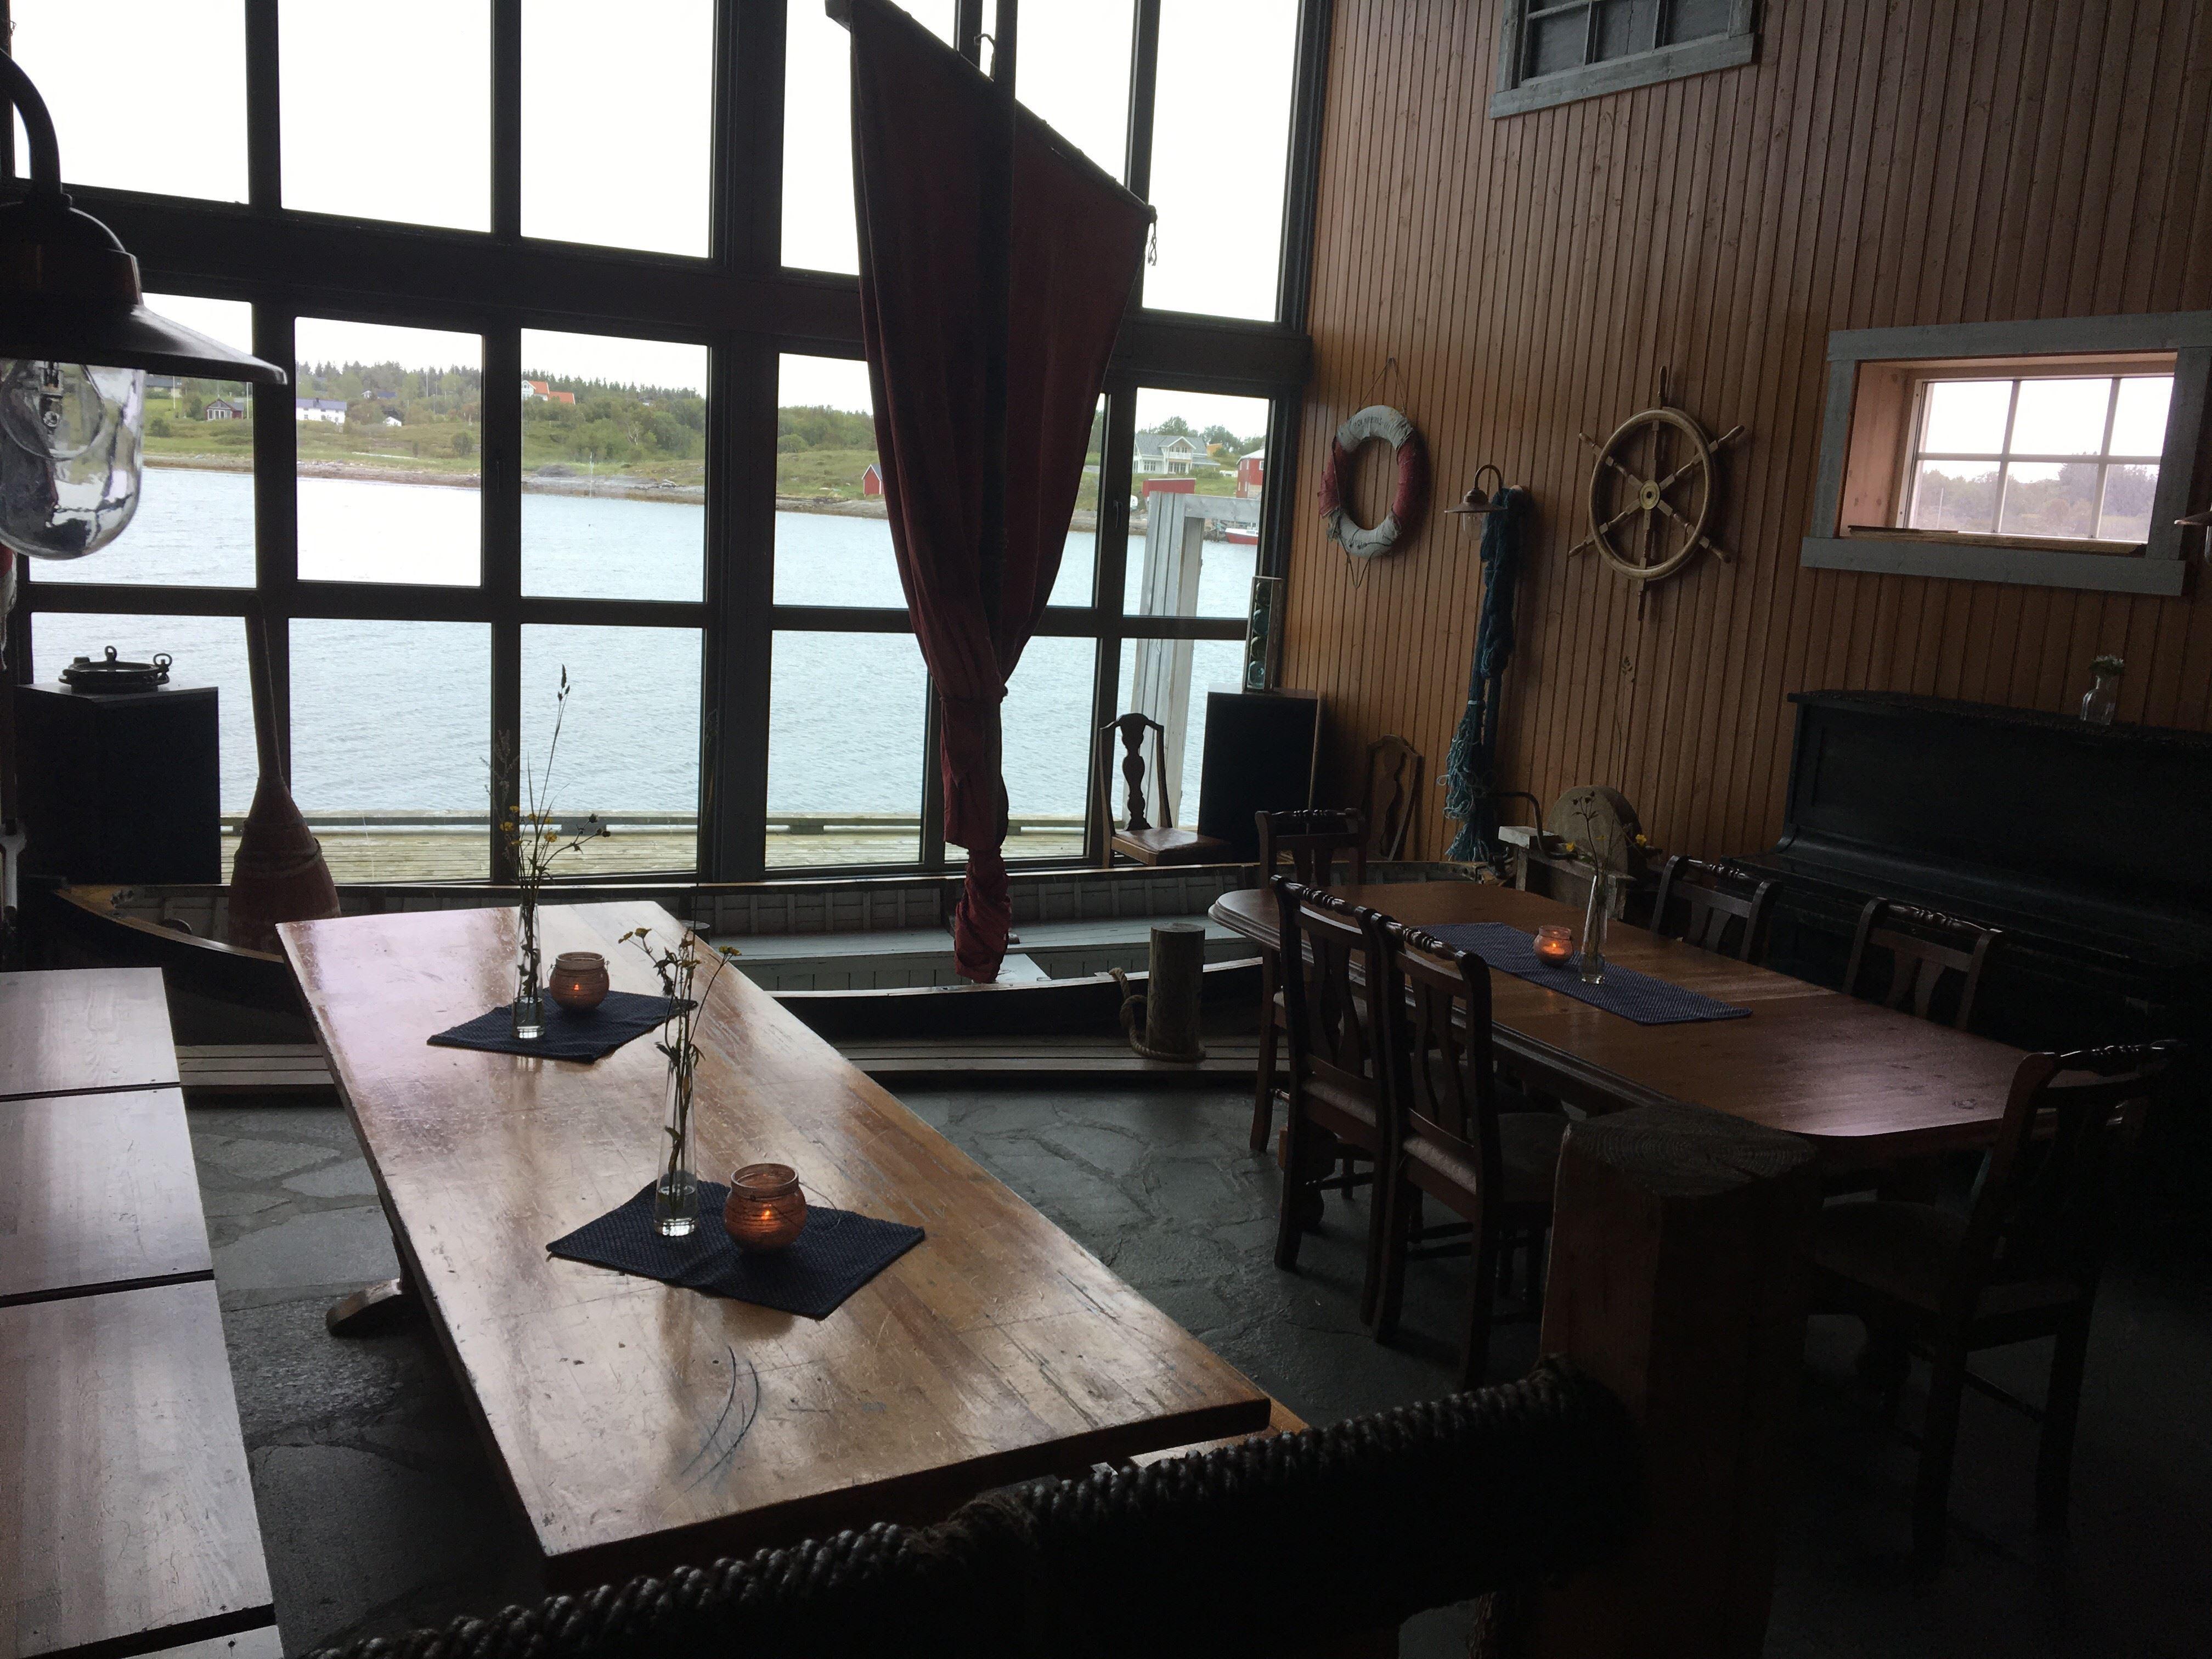 Bøteriet Restaurant on Dønna